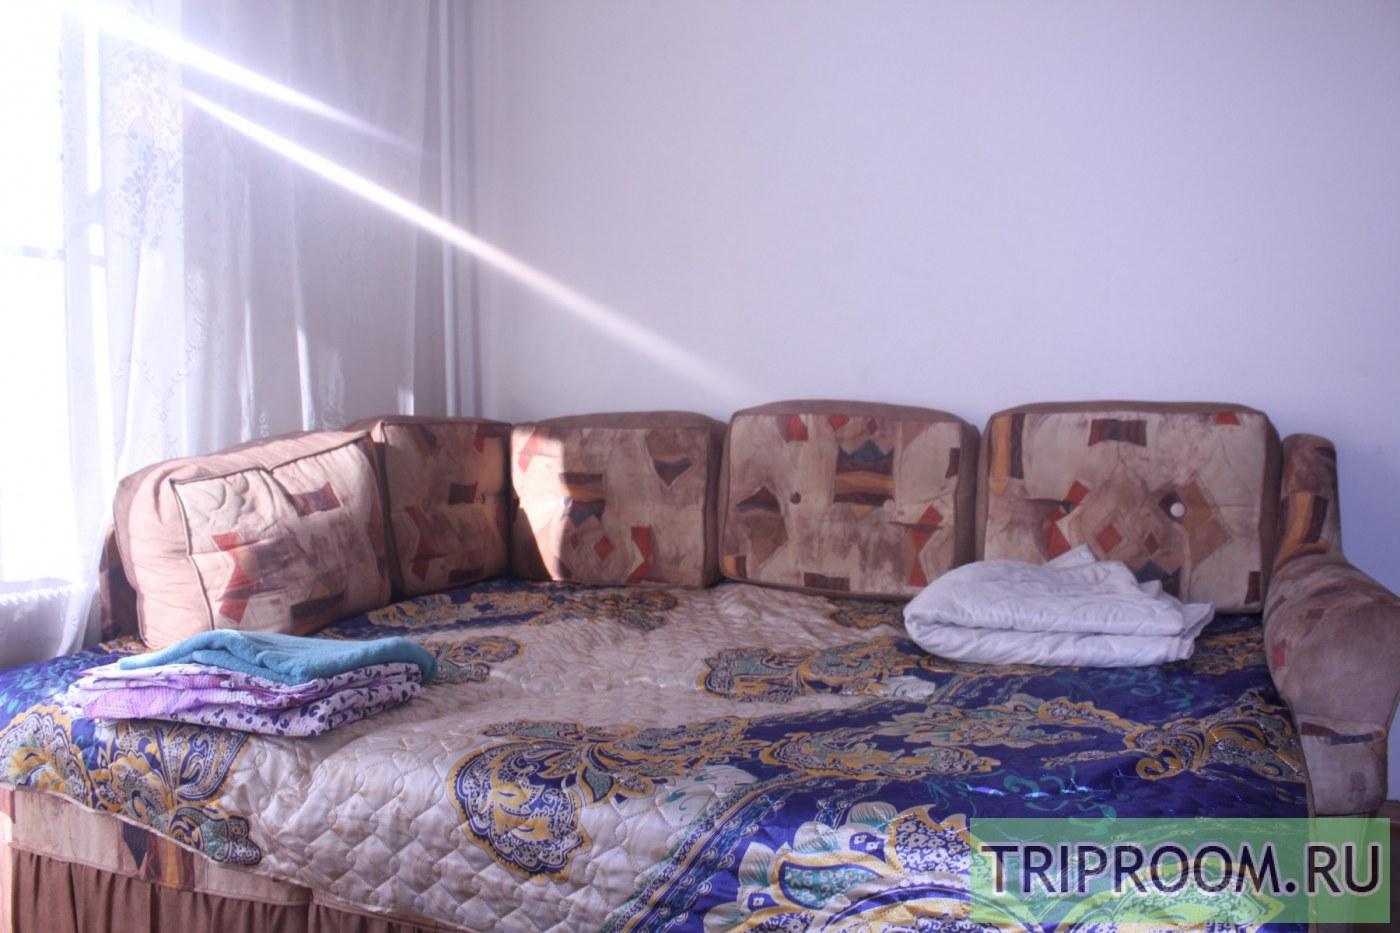 1-комнатная квартира посуточно (вариант № 40541), ул. Ореховый бульвар, фото № 6